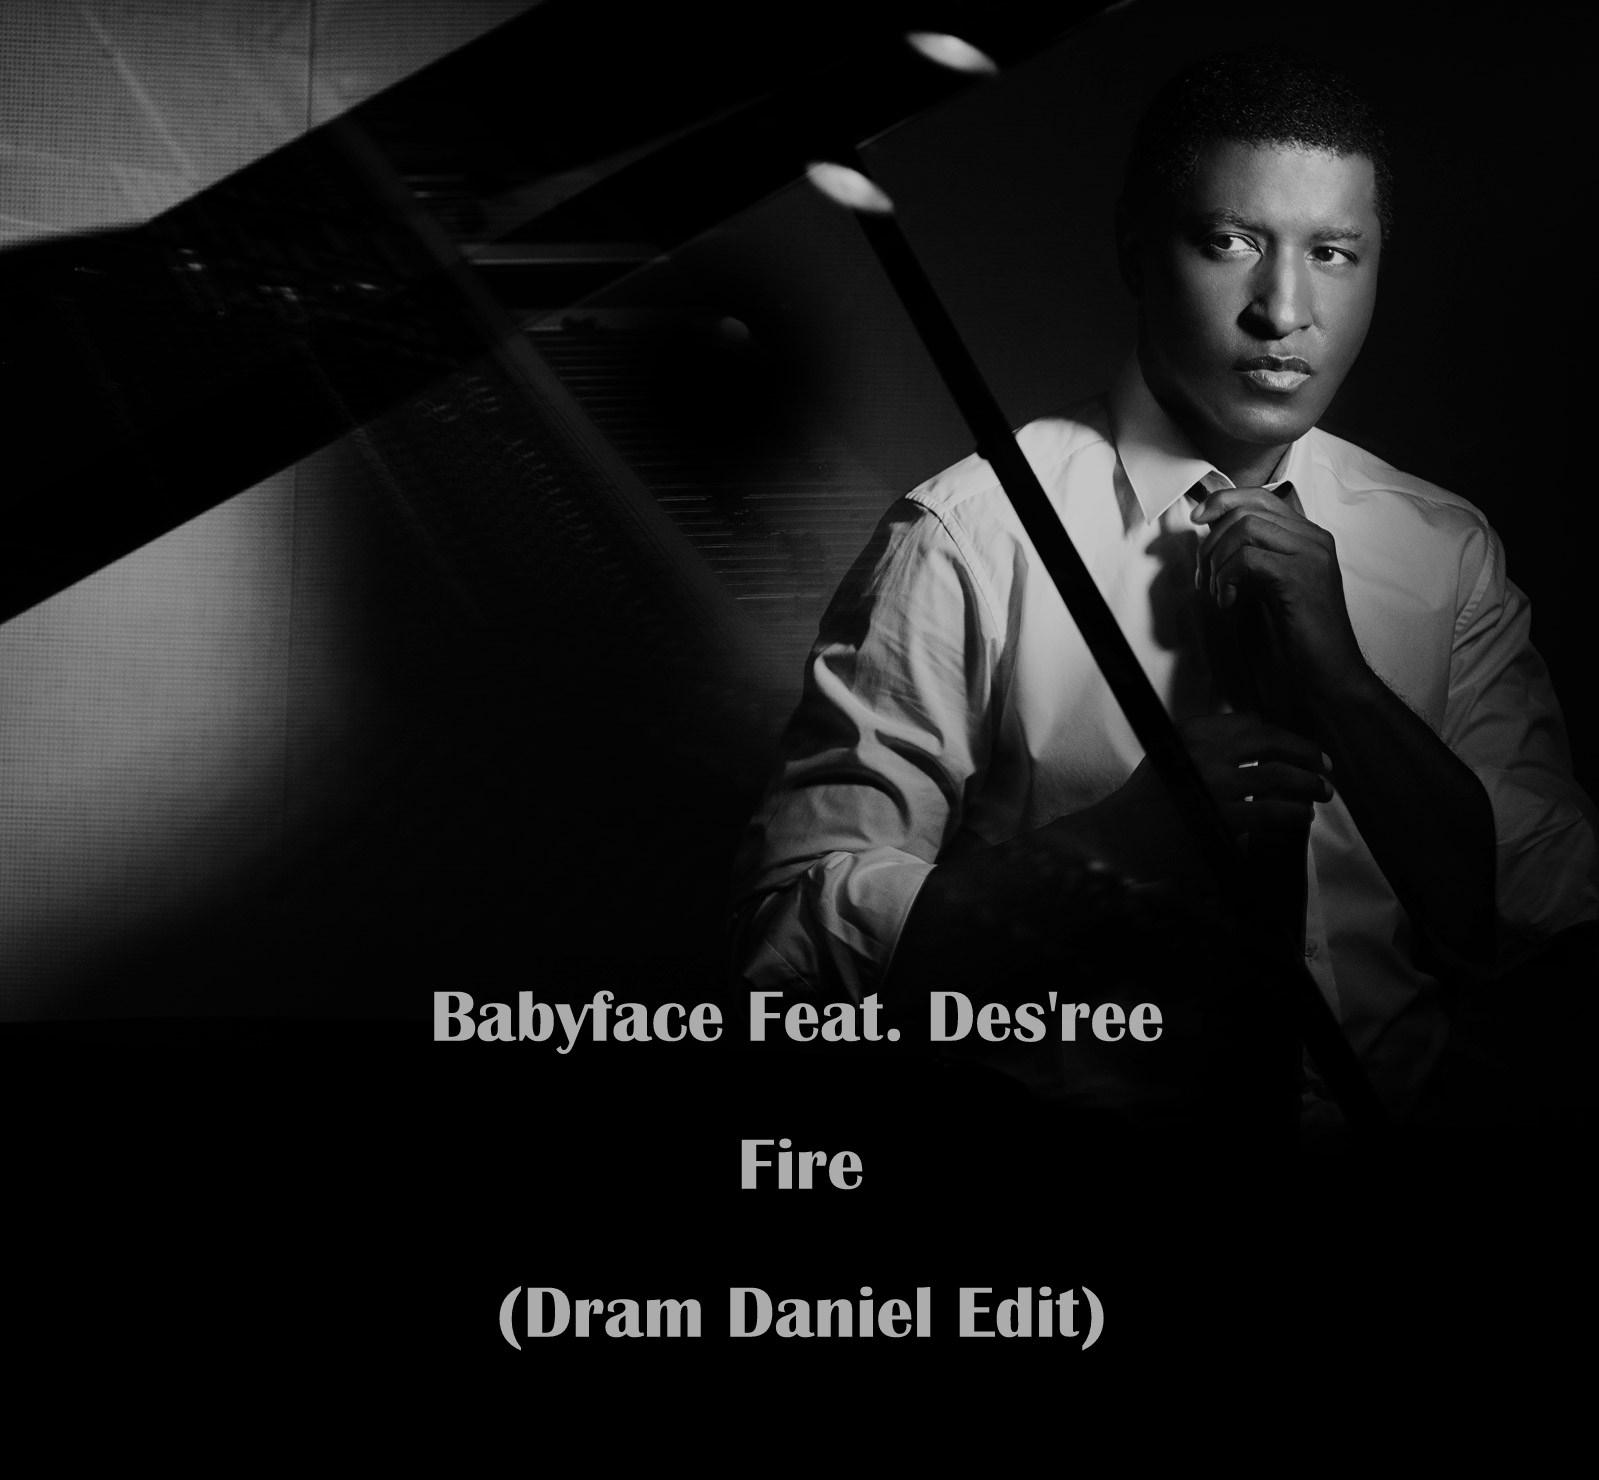 Babyface Feat. Des\'ree - Fire (Dram Daniel Edit)